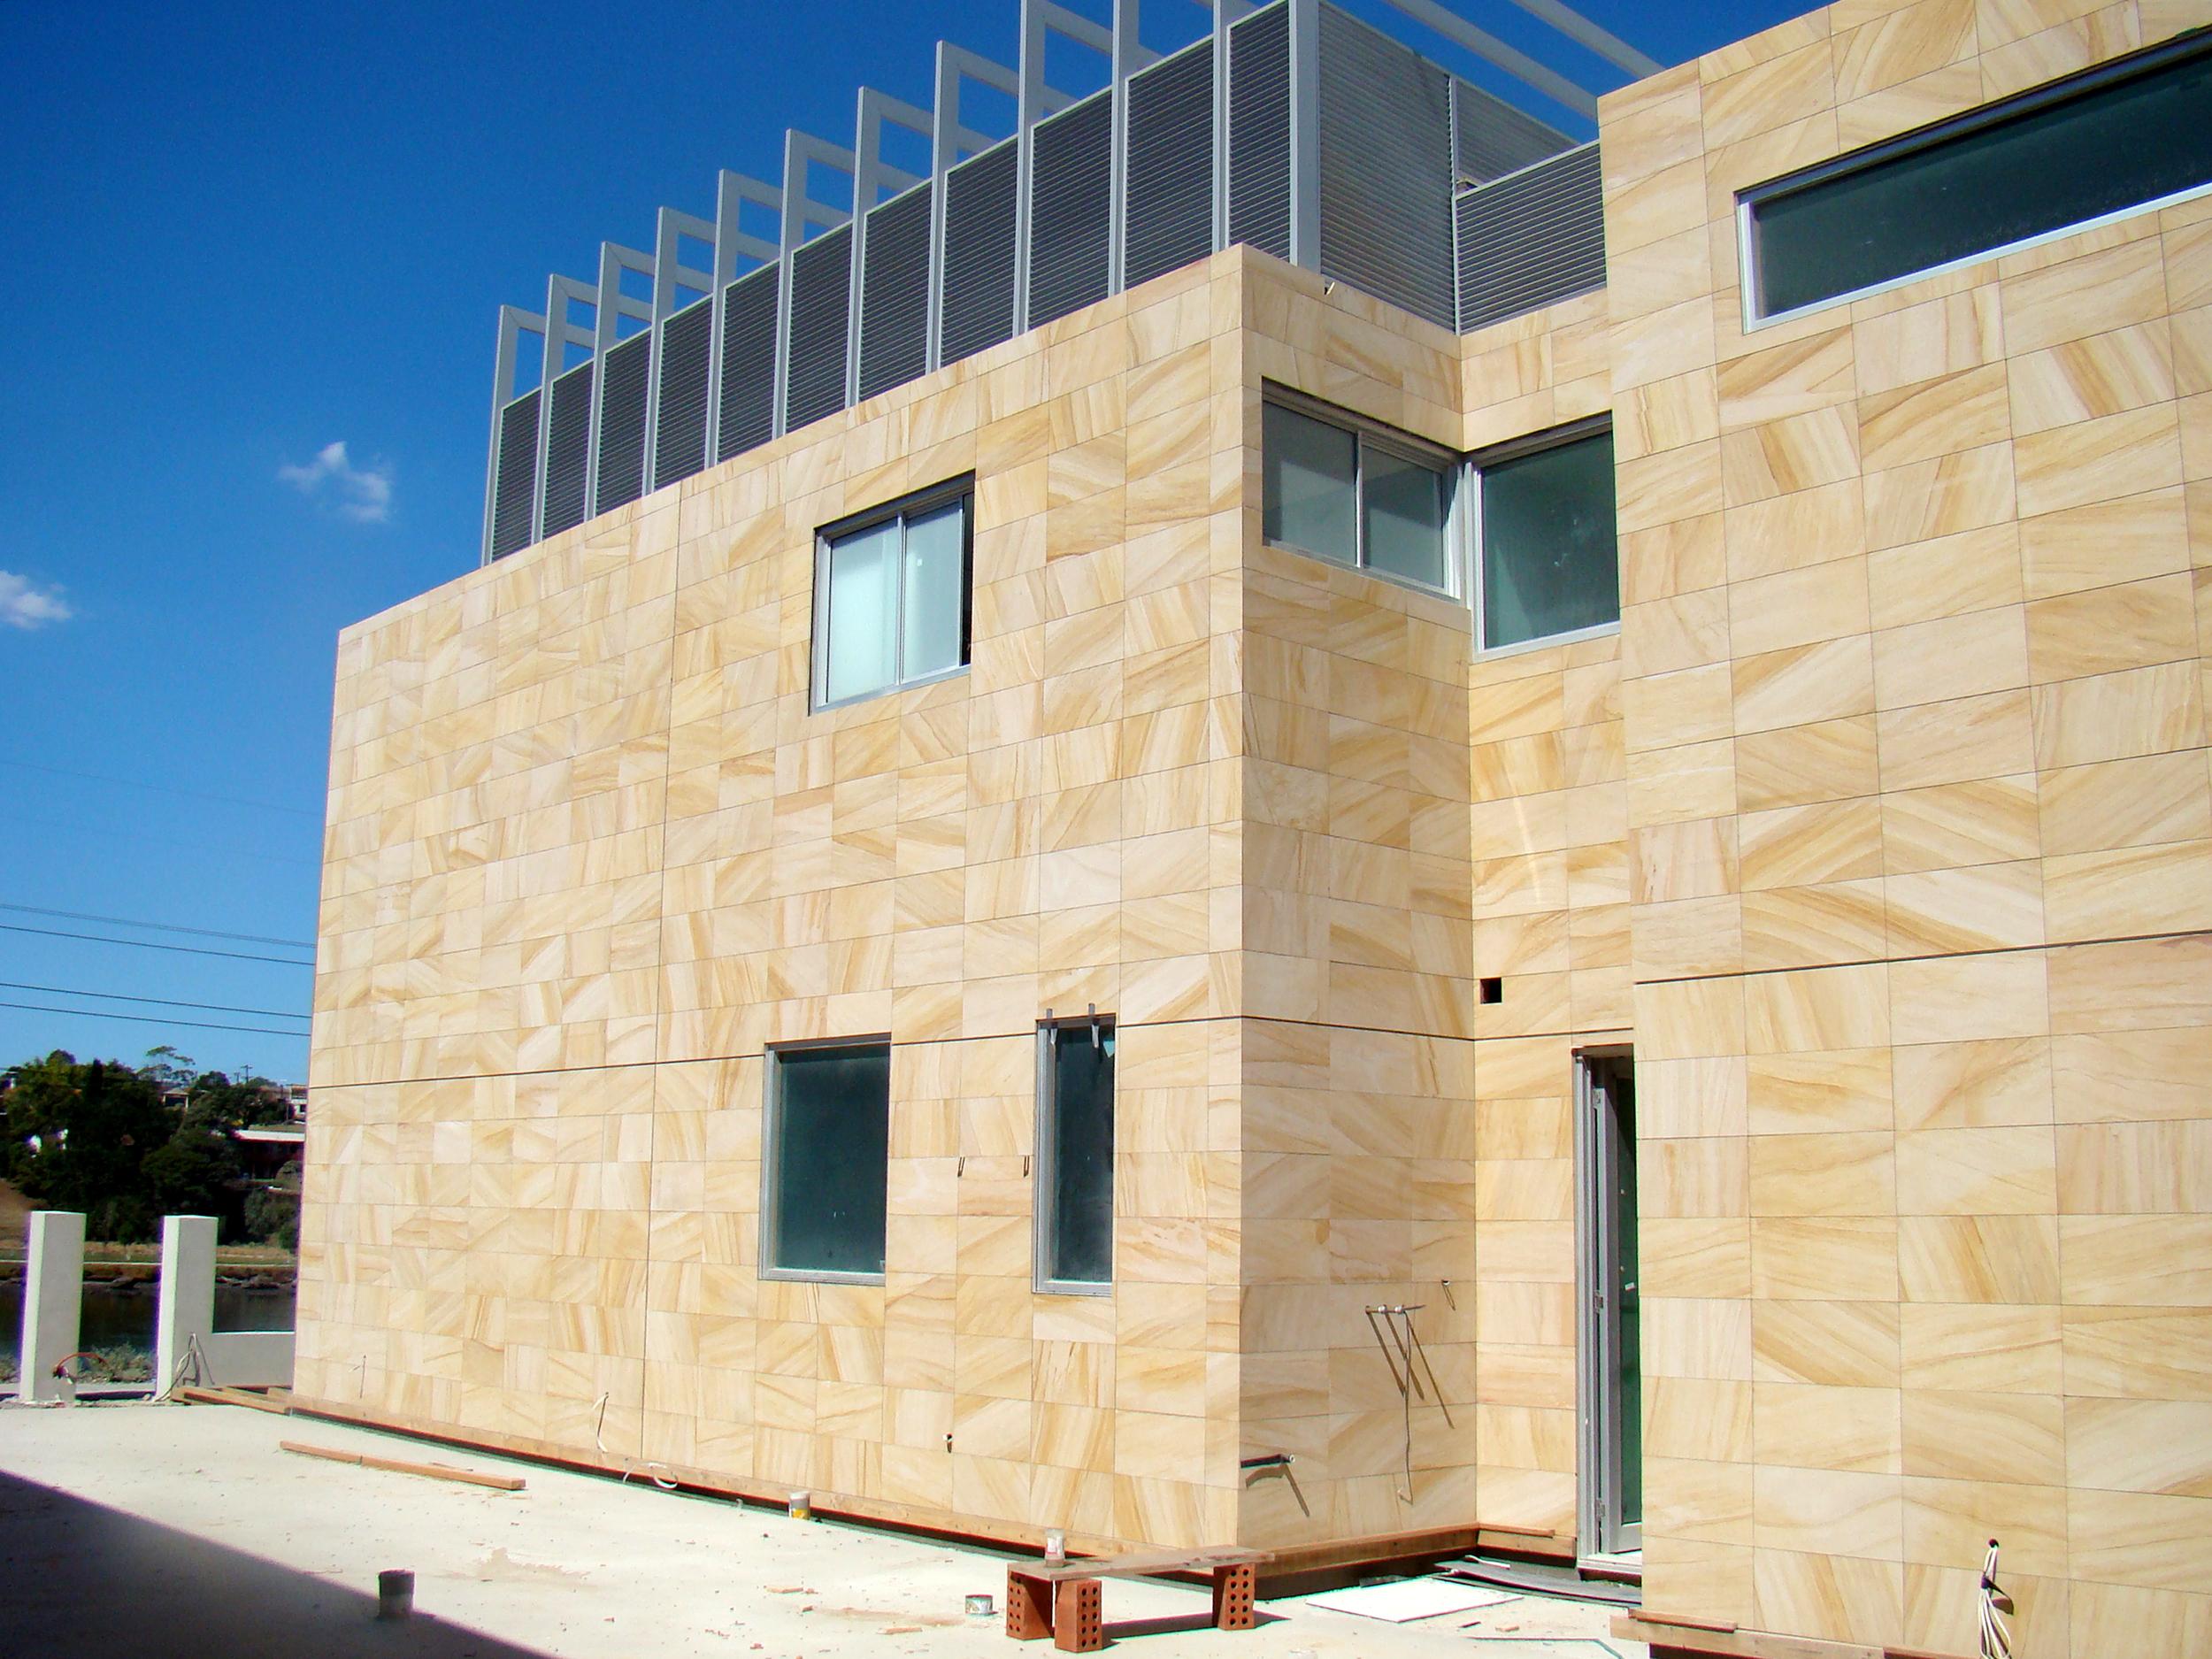 Teakwood Sandstone Wall